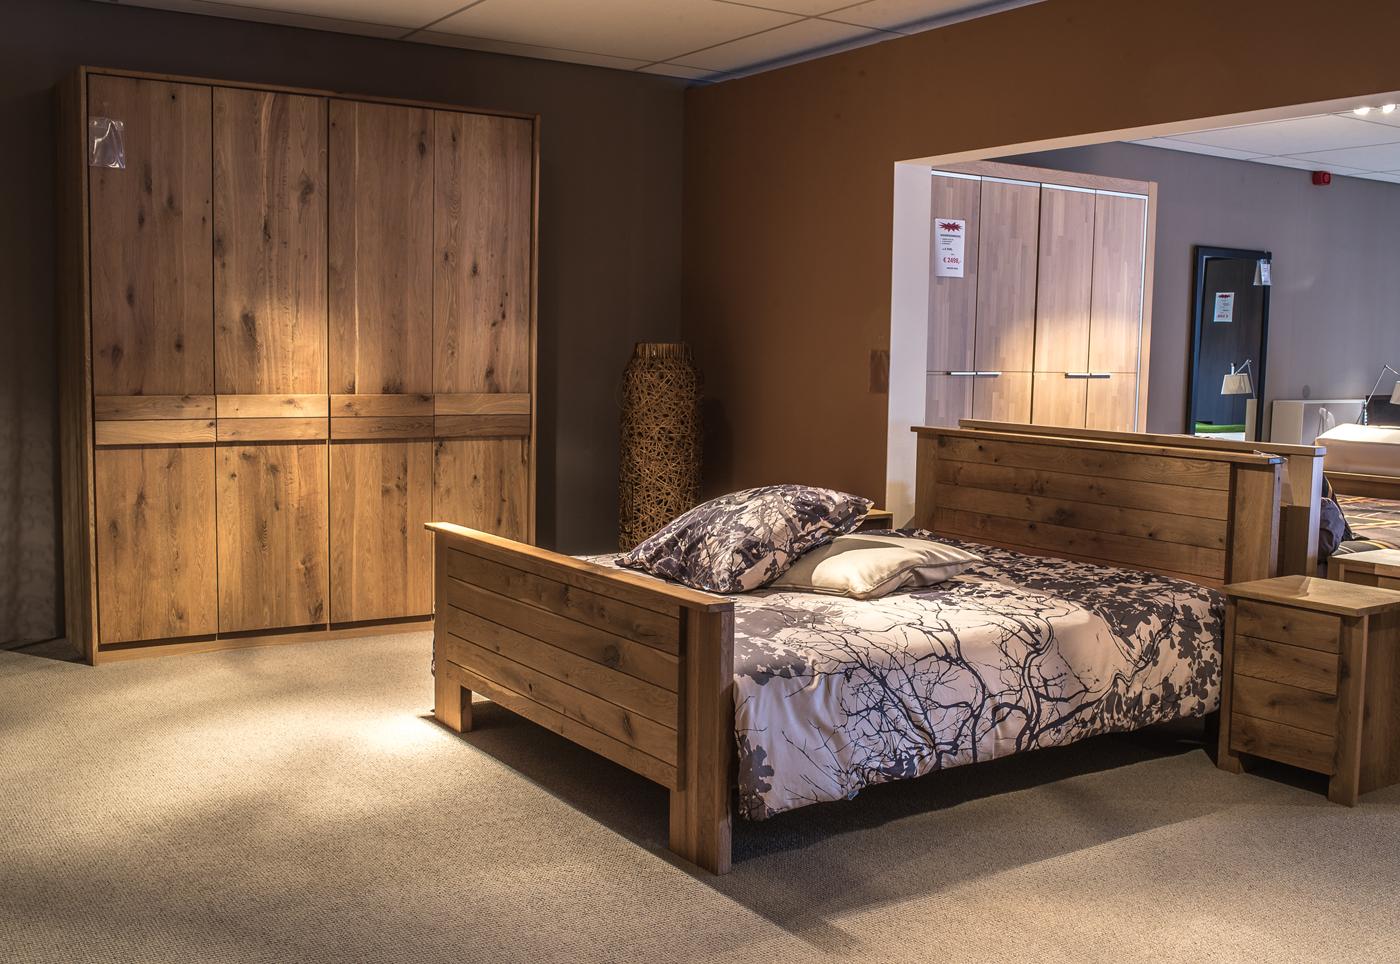 Slaapkamer bandung herraets slapen - Slaapkamer meubels ...